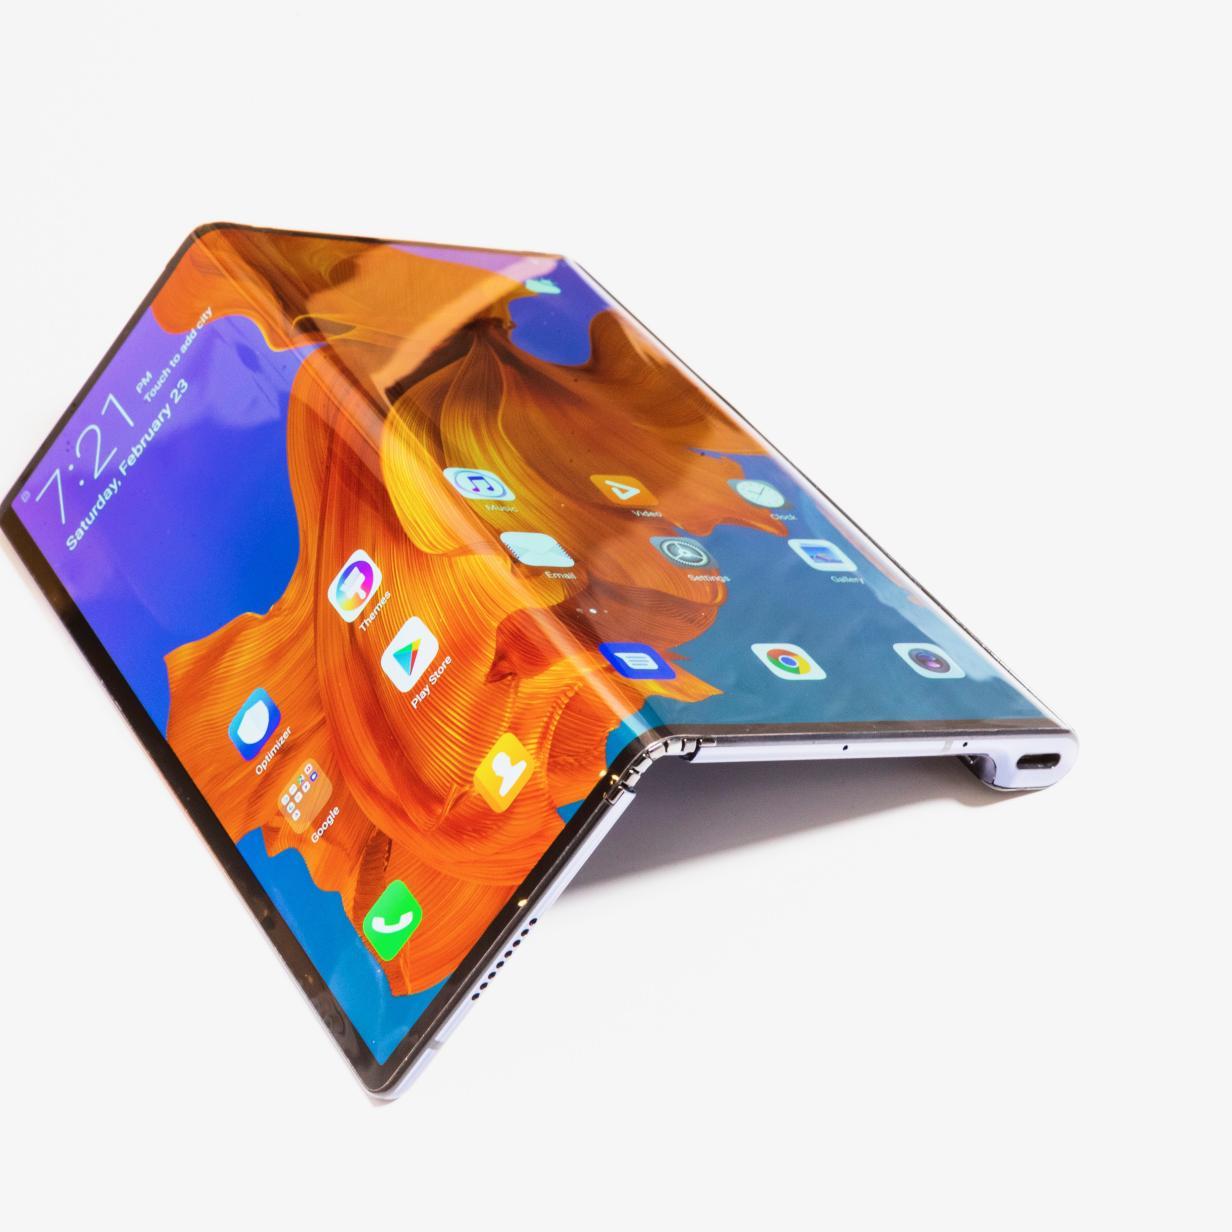 Falt-Smartphone Huawei Mate X: Preis und Verkaufsstart bekannt